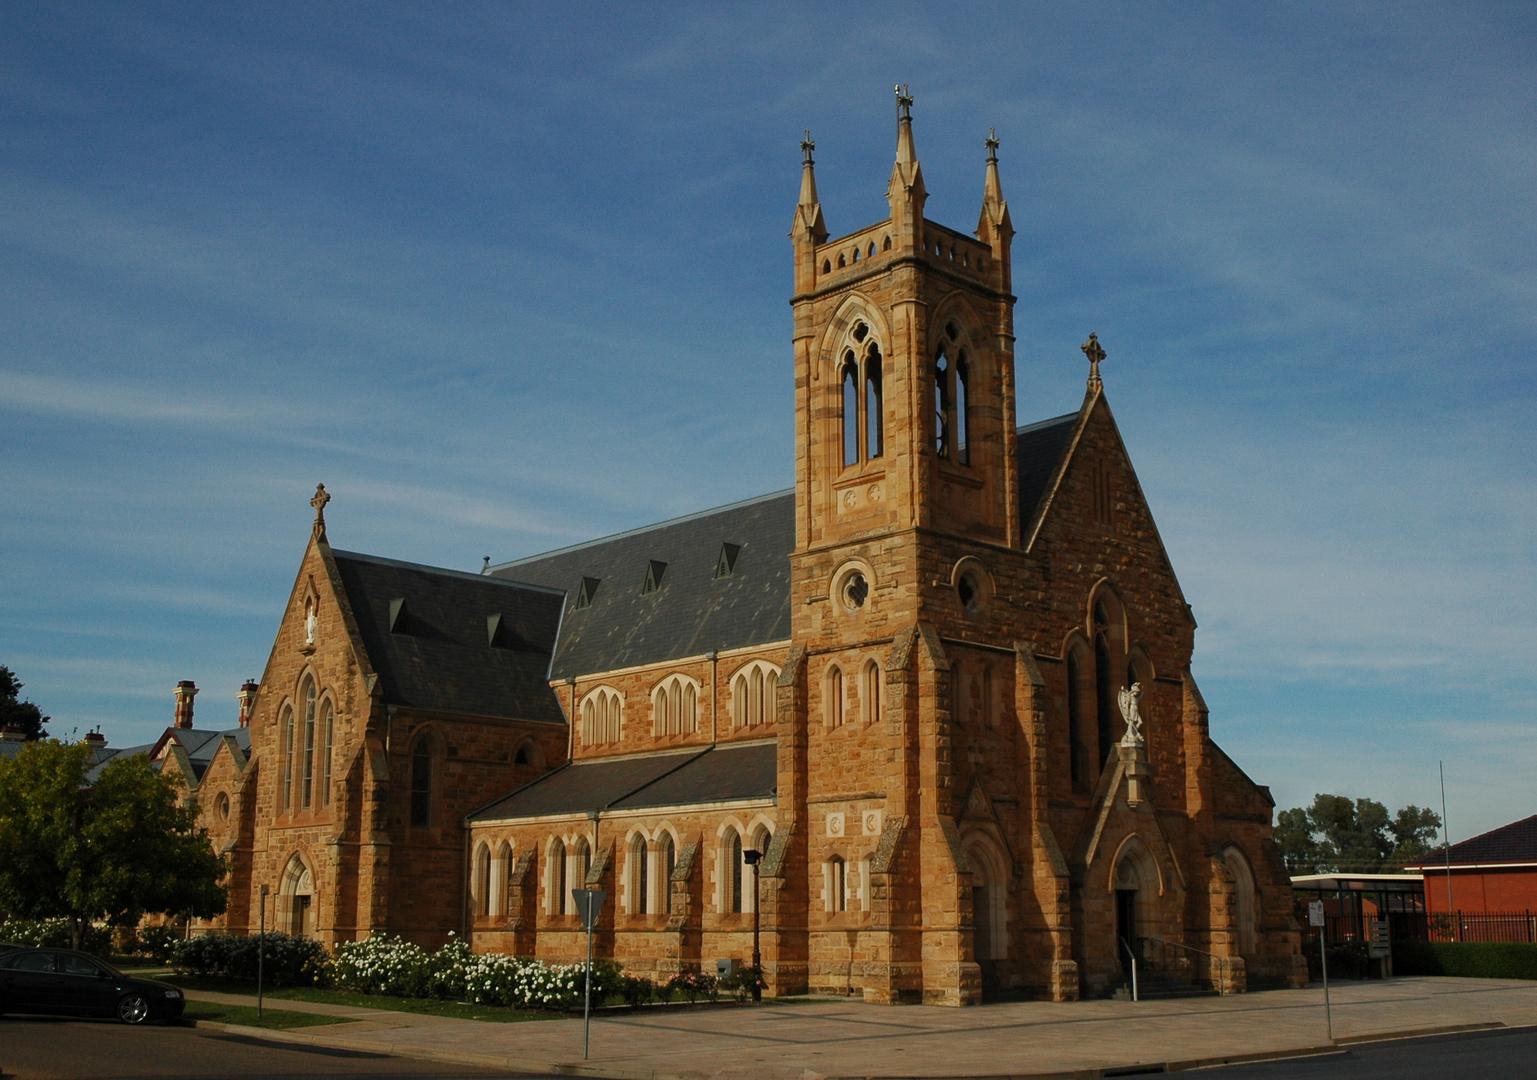 Wagga Wagga Church